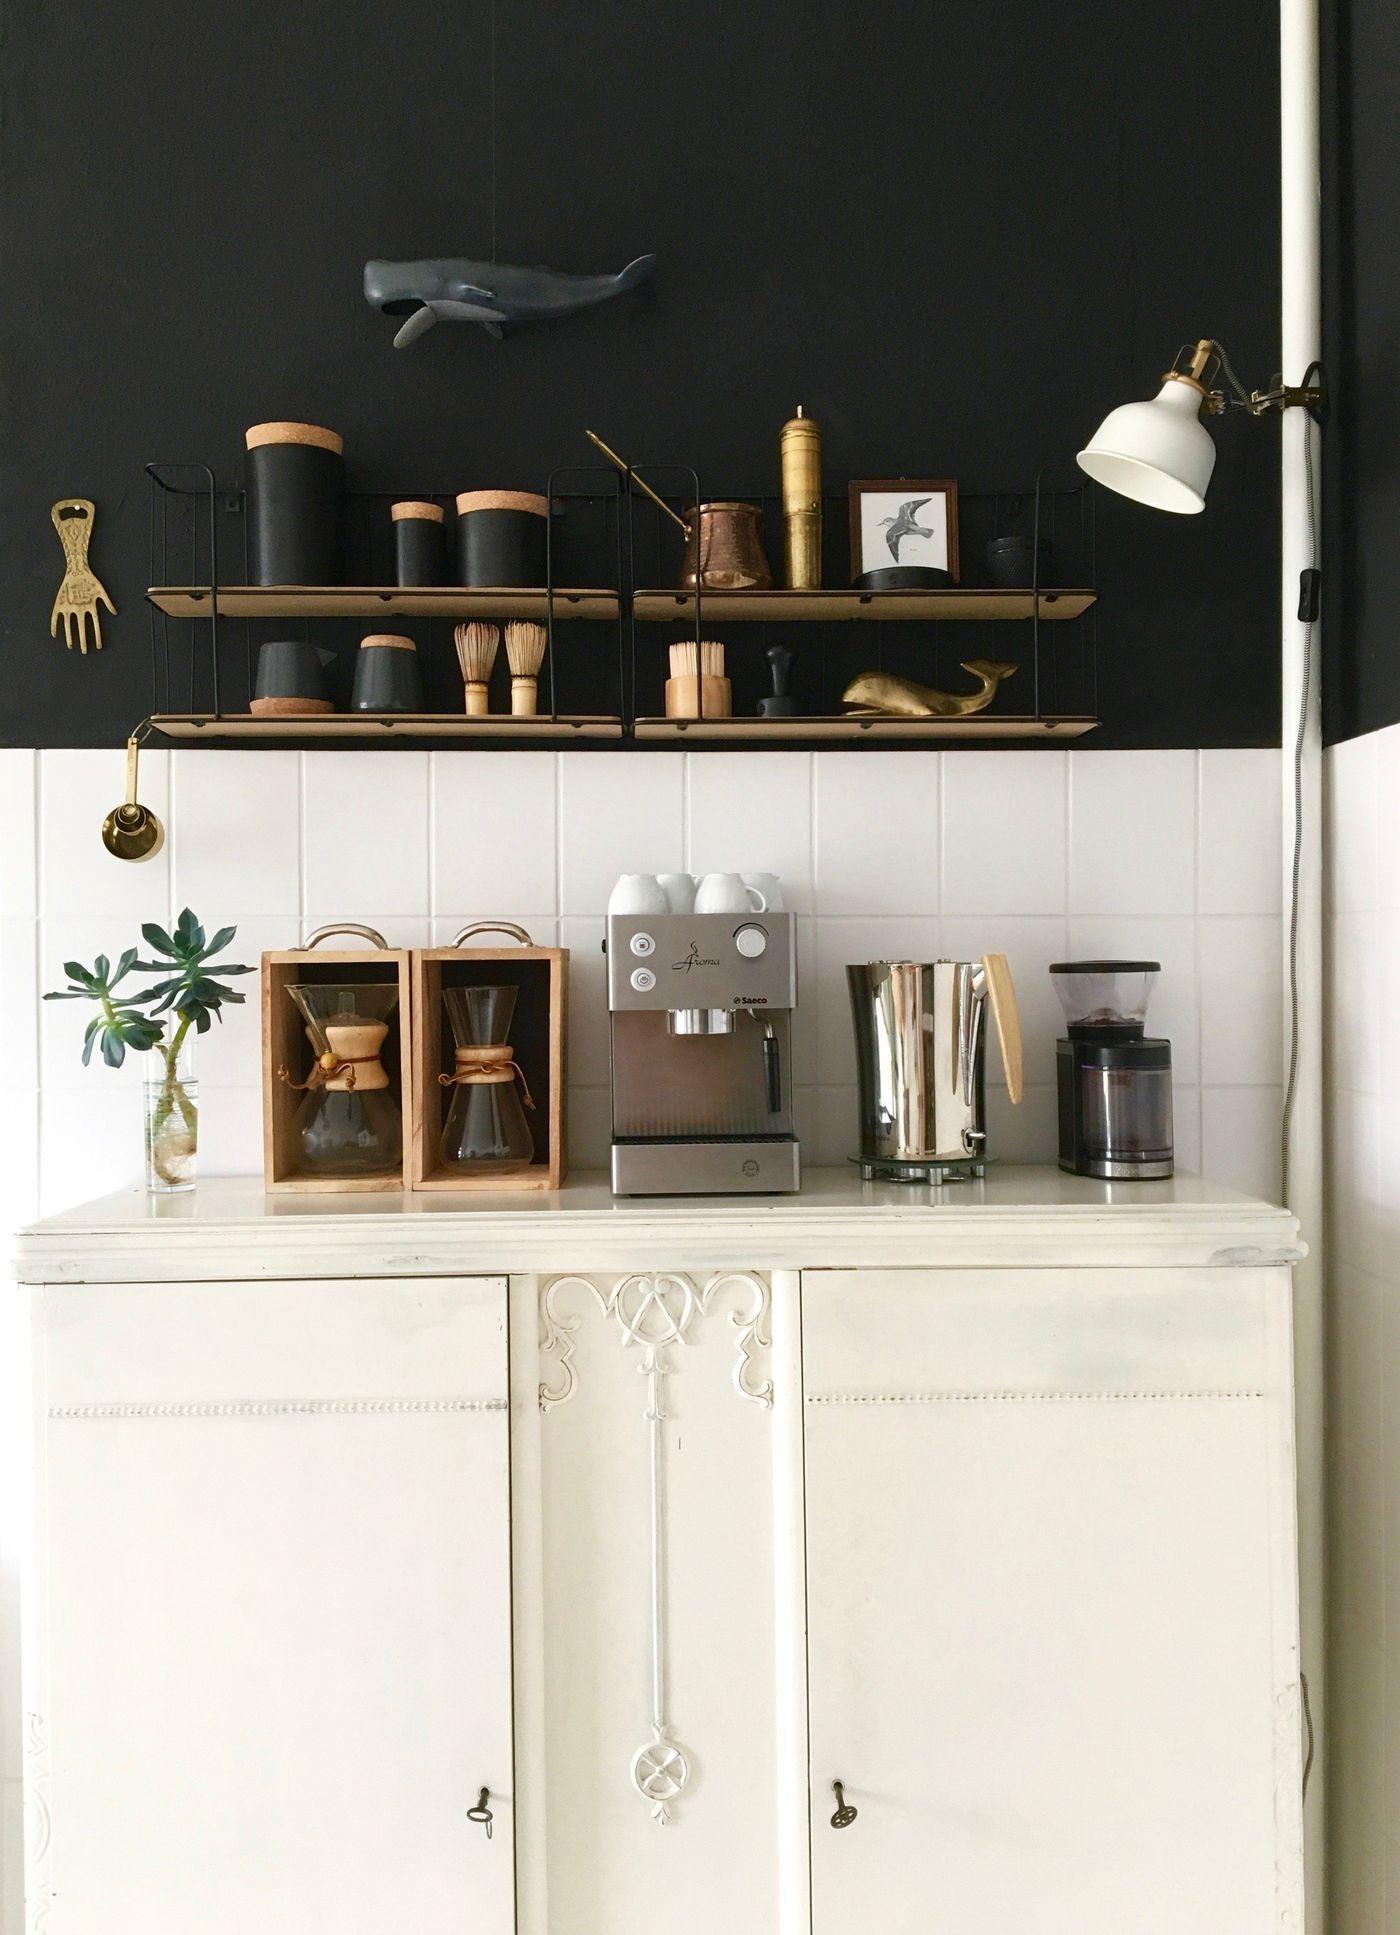 Bekannt Die schönsten Küchen Ideen LI68